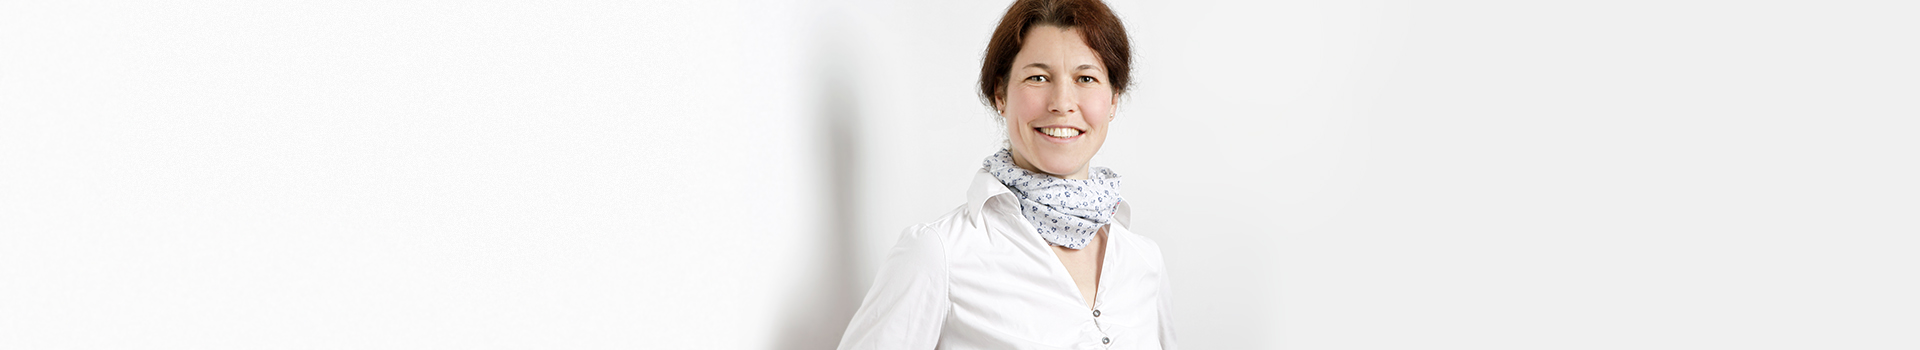 Kerstin Oehlert